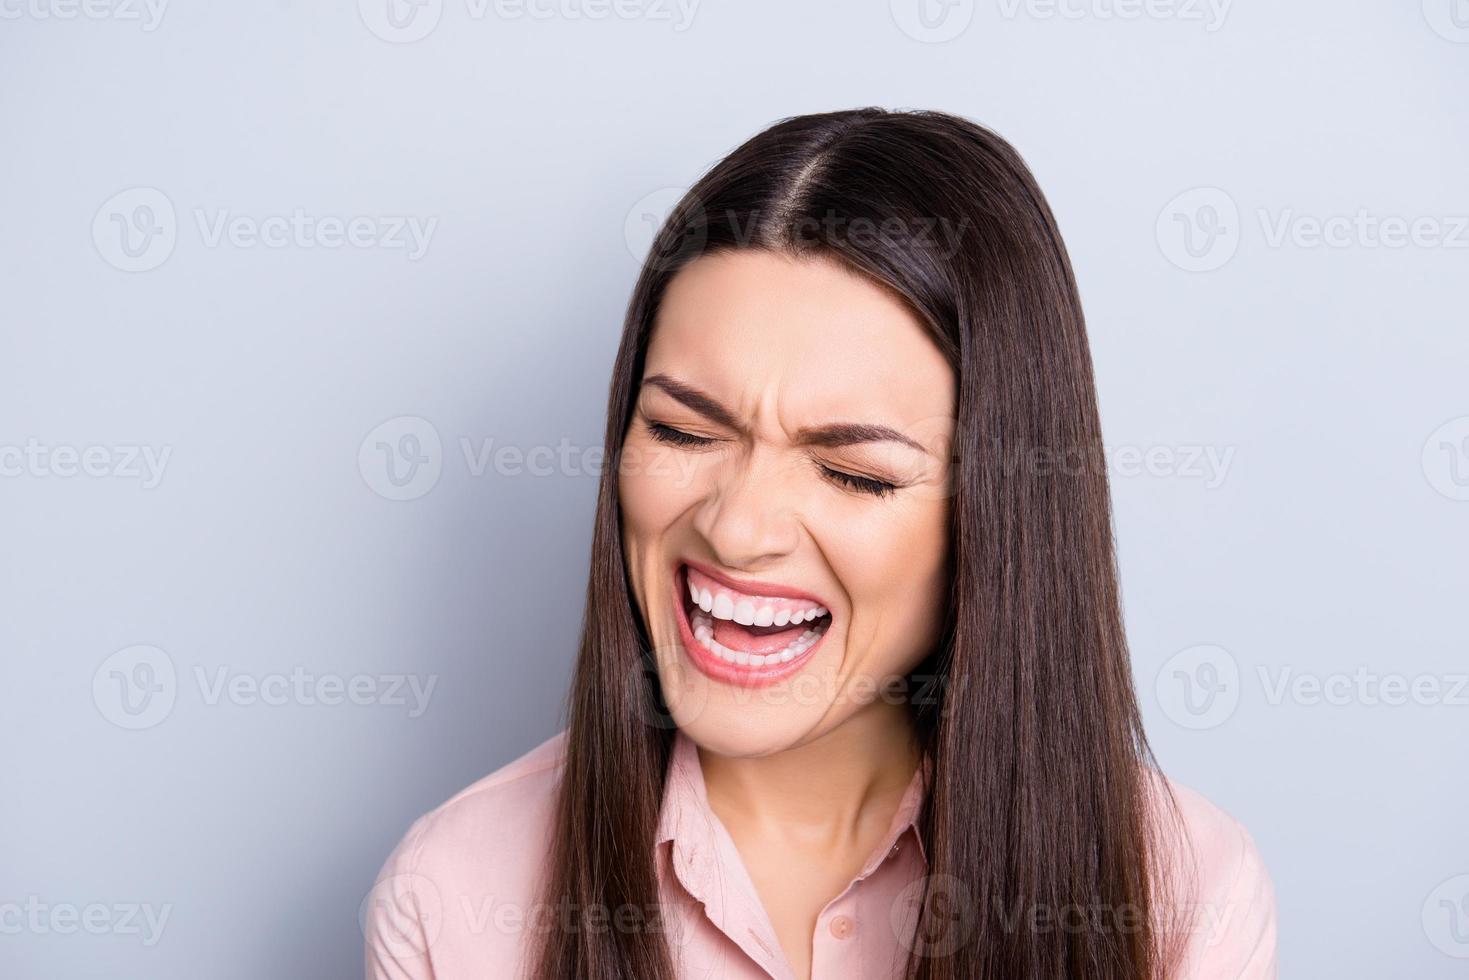 retrato de mulher psicopata, nervosa, chorando, incontrolável com reação violenta e irritada, gritando com os olhos fechados, careta, cansado da rotina isolada em fundo cinza foto